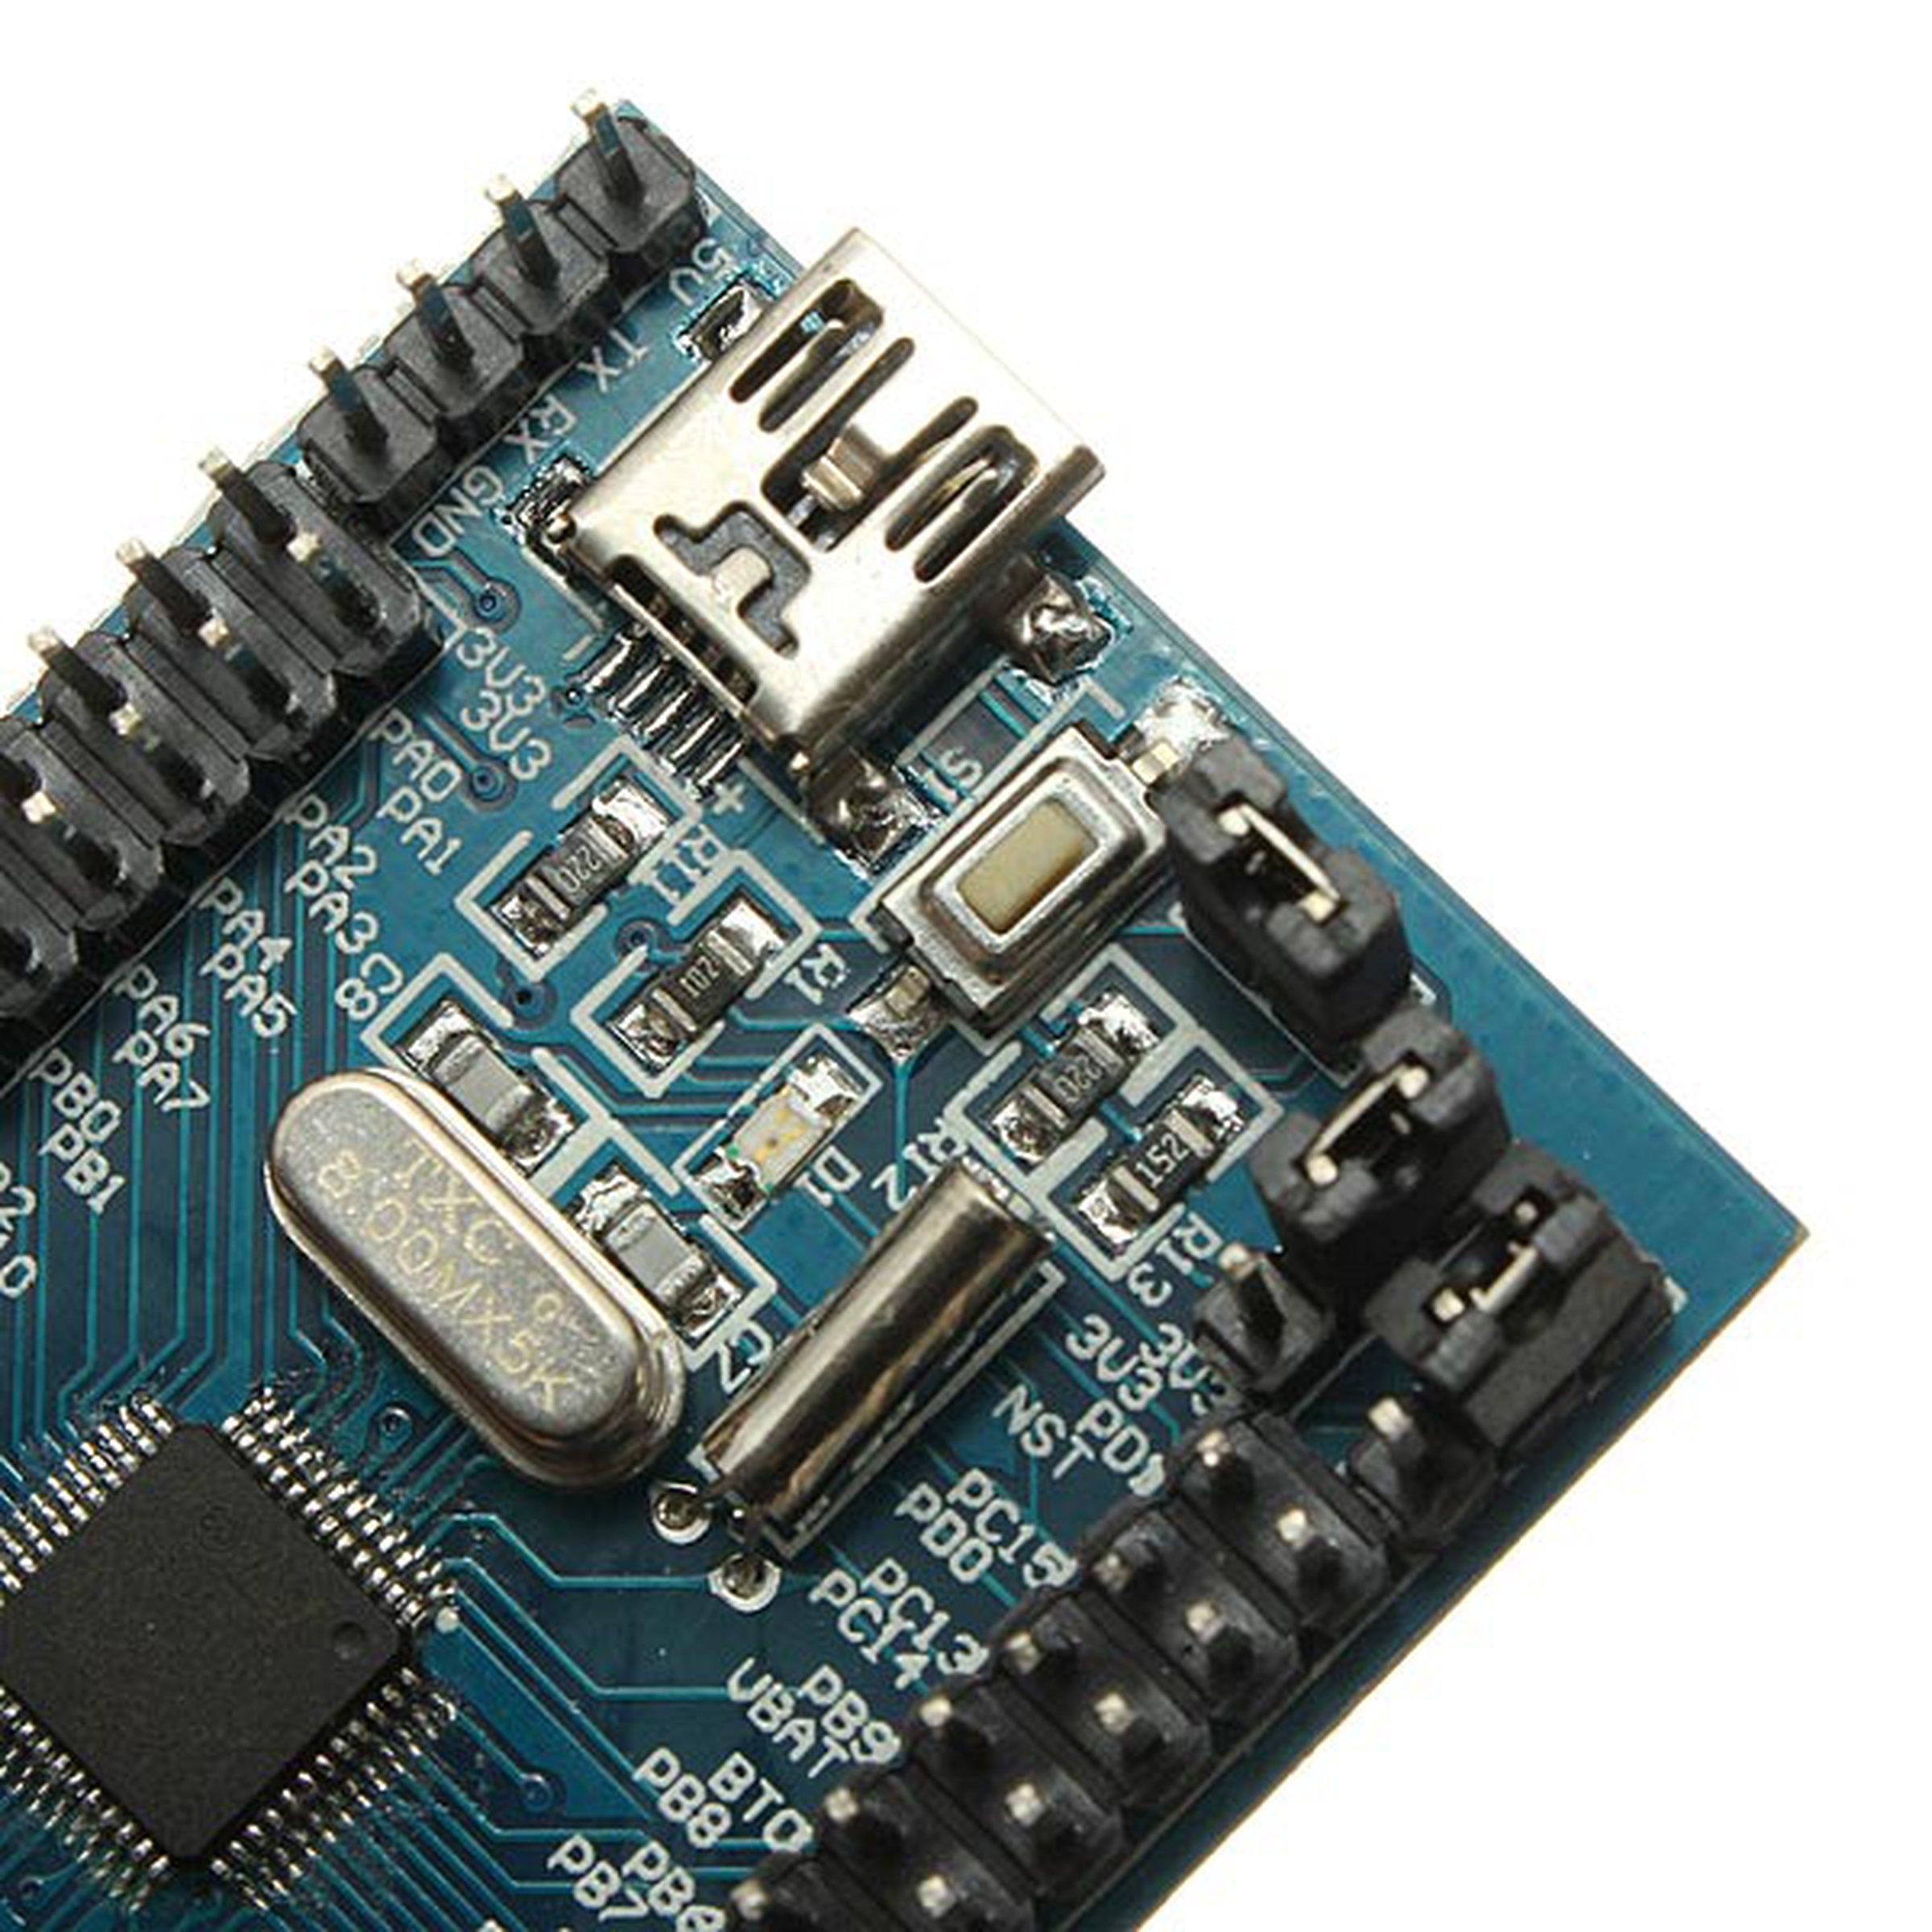 Arm Cortex M3 Stm32f103c8t6 Stm32 Minimum System Development Board Module With Mini Usb 3